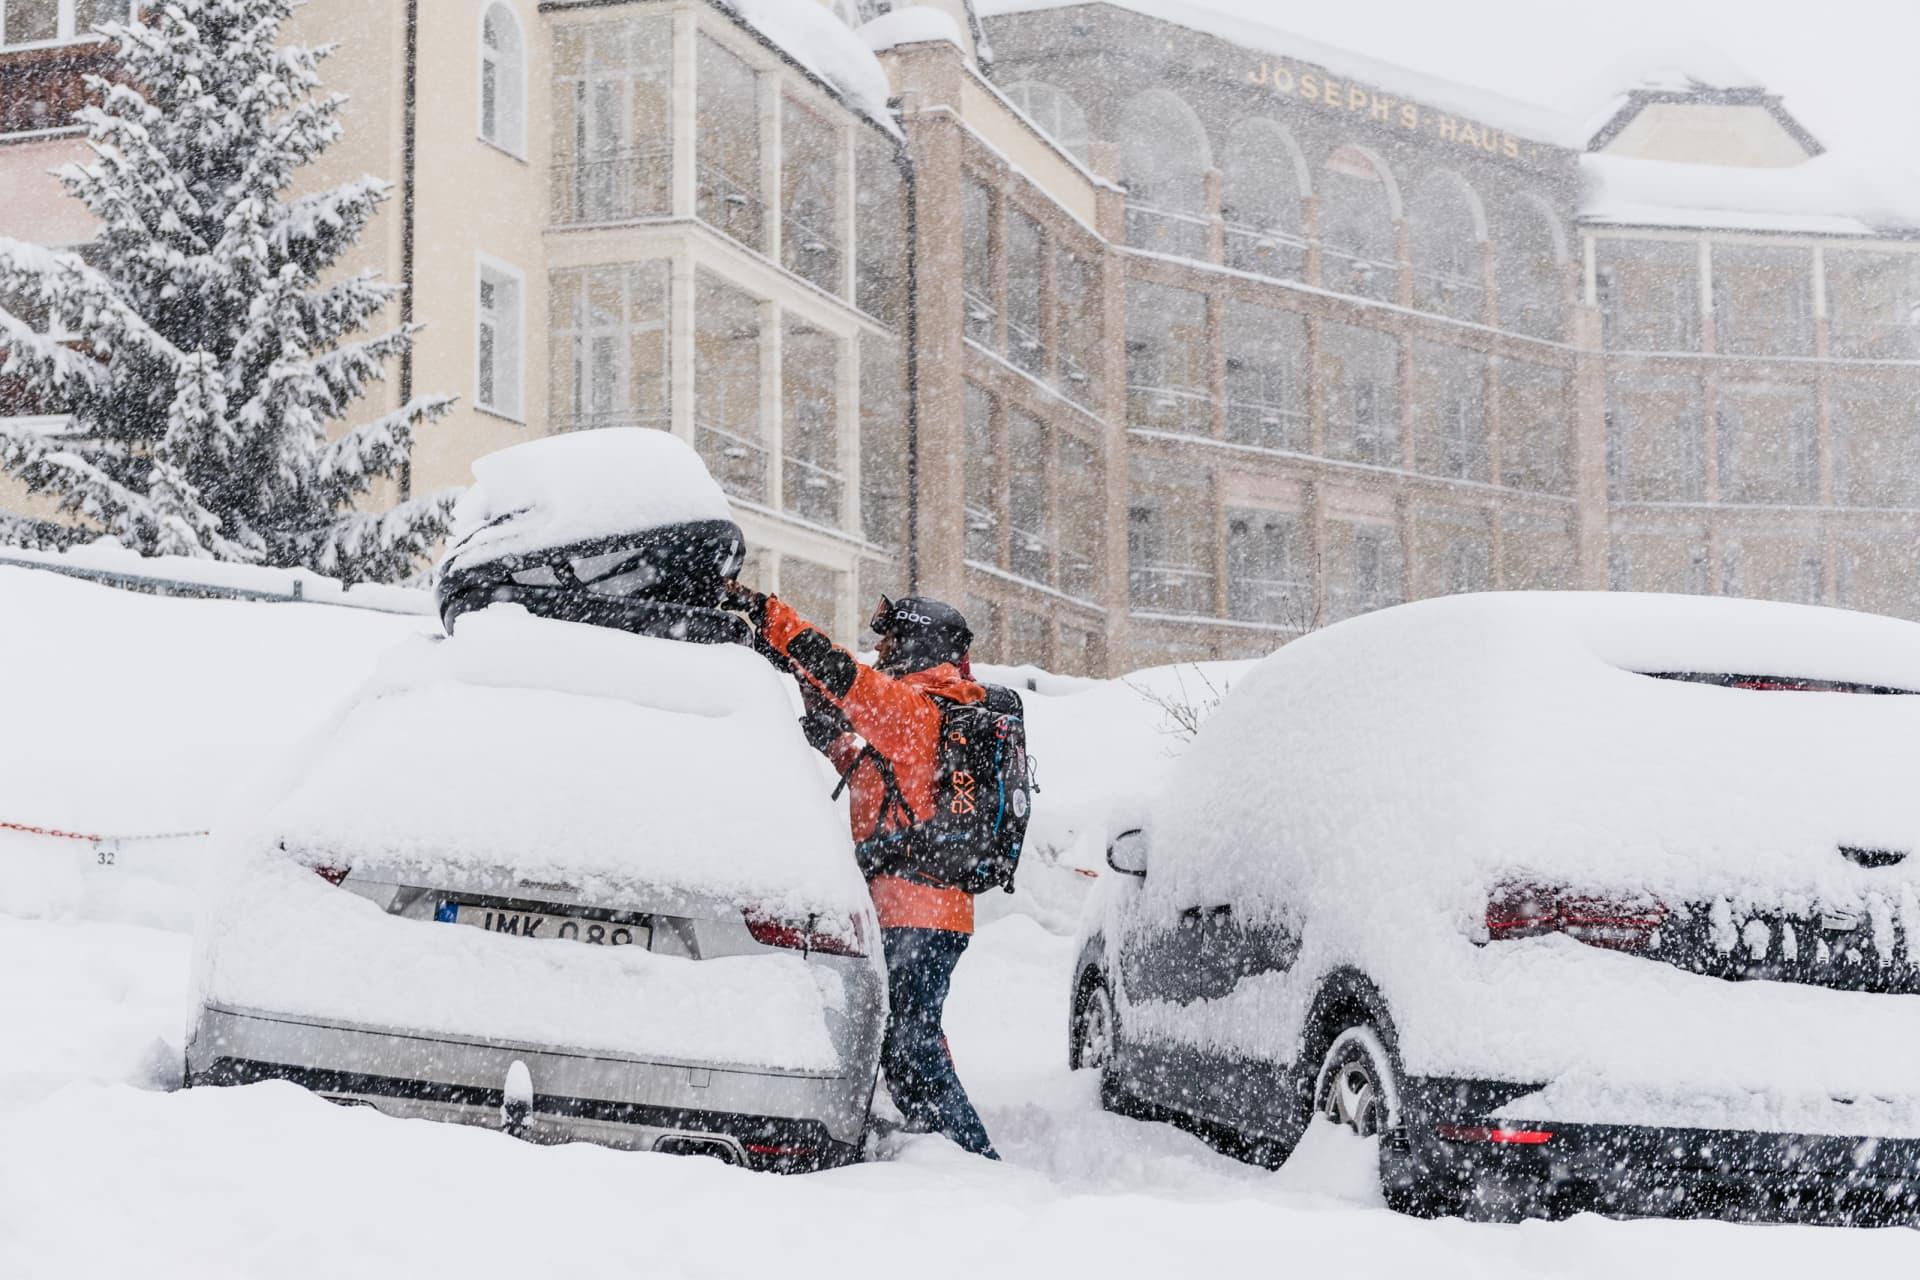 Över en natt draperades bilen med snö.